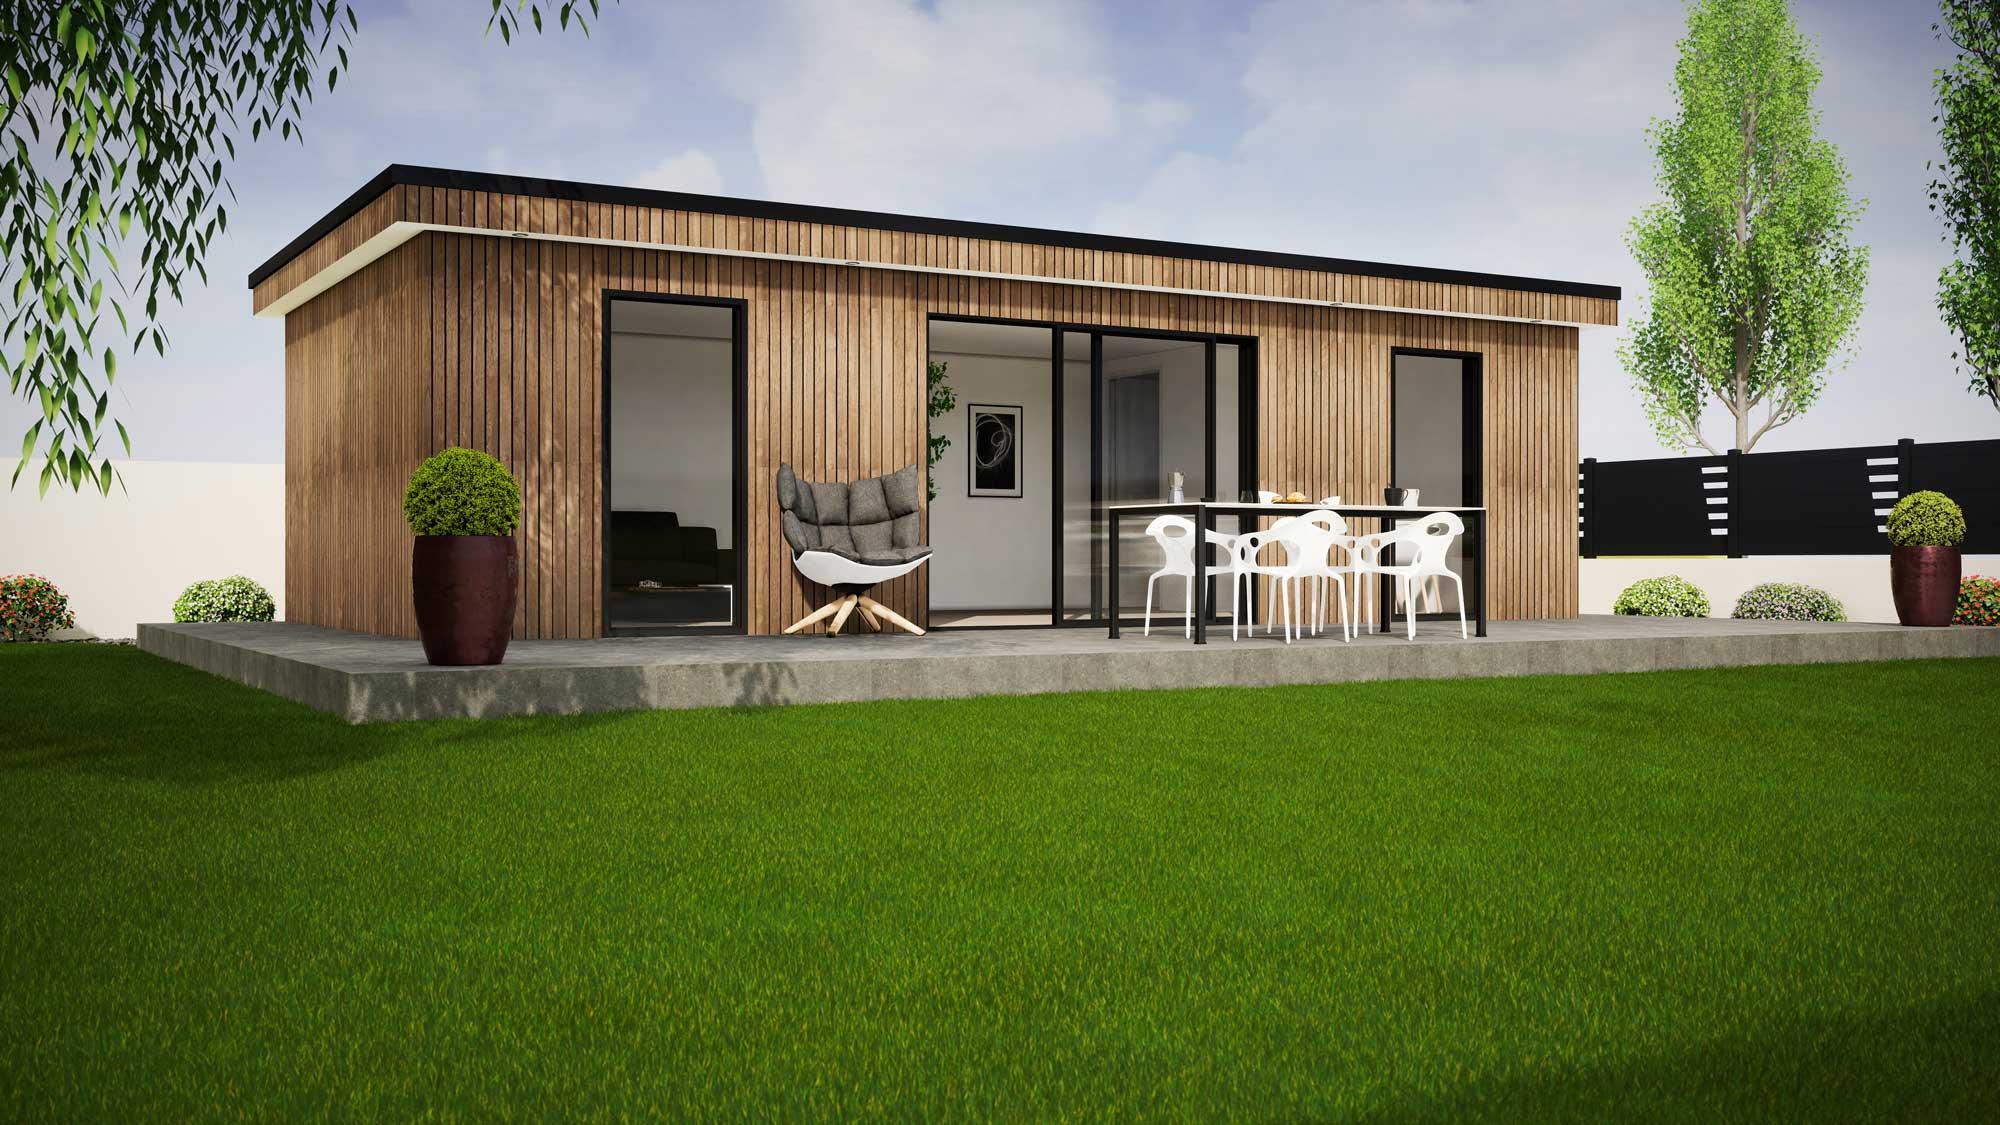 Constructeur De Maison Gers maisons bois modulaires sud-ouest par modulabois